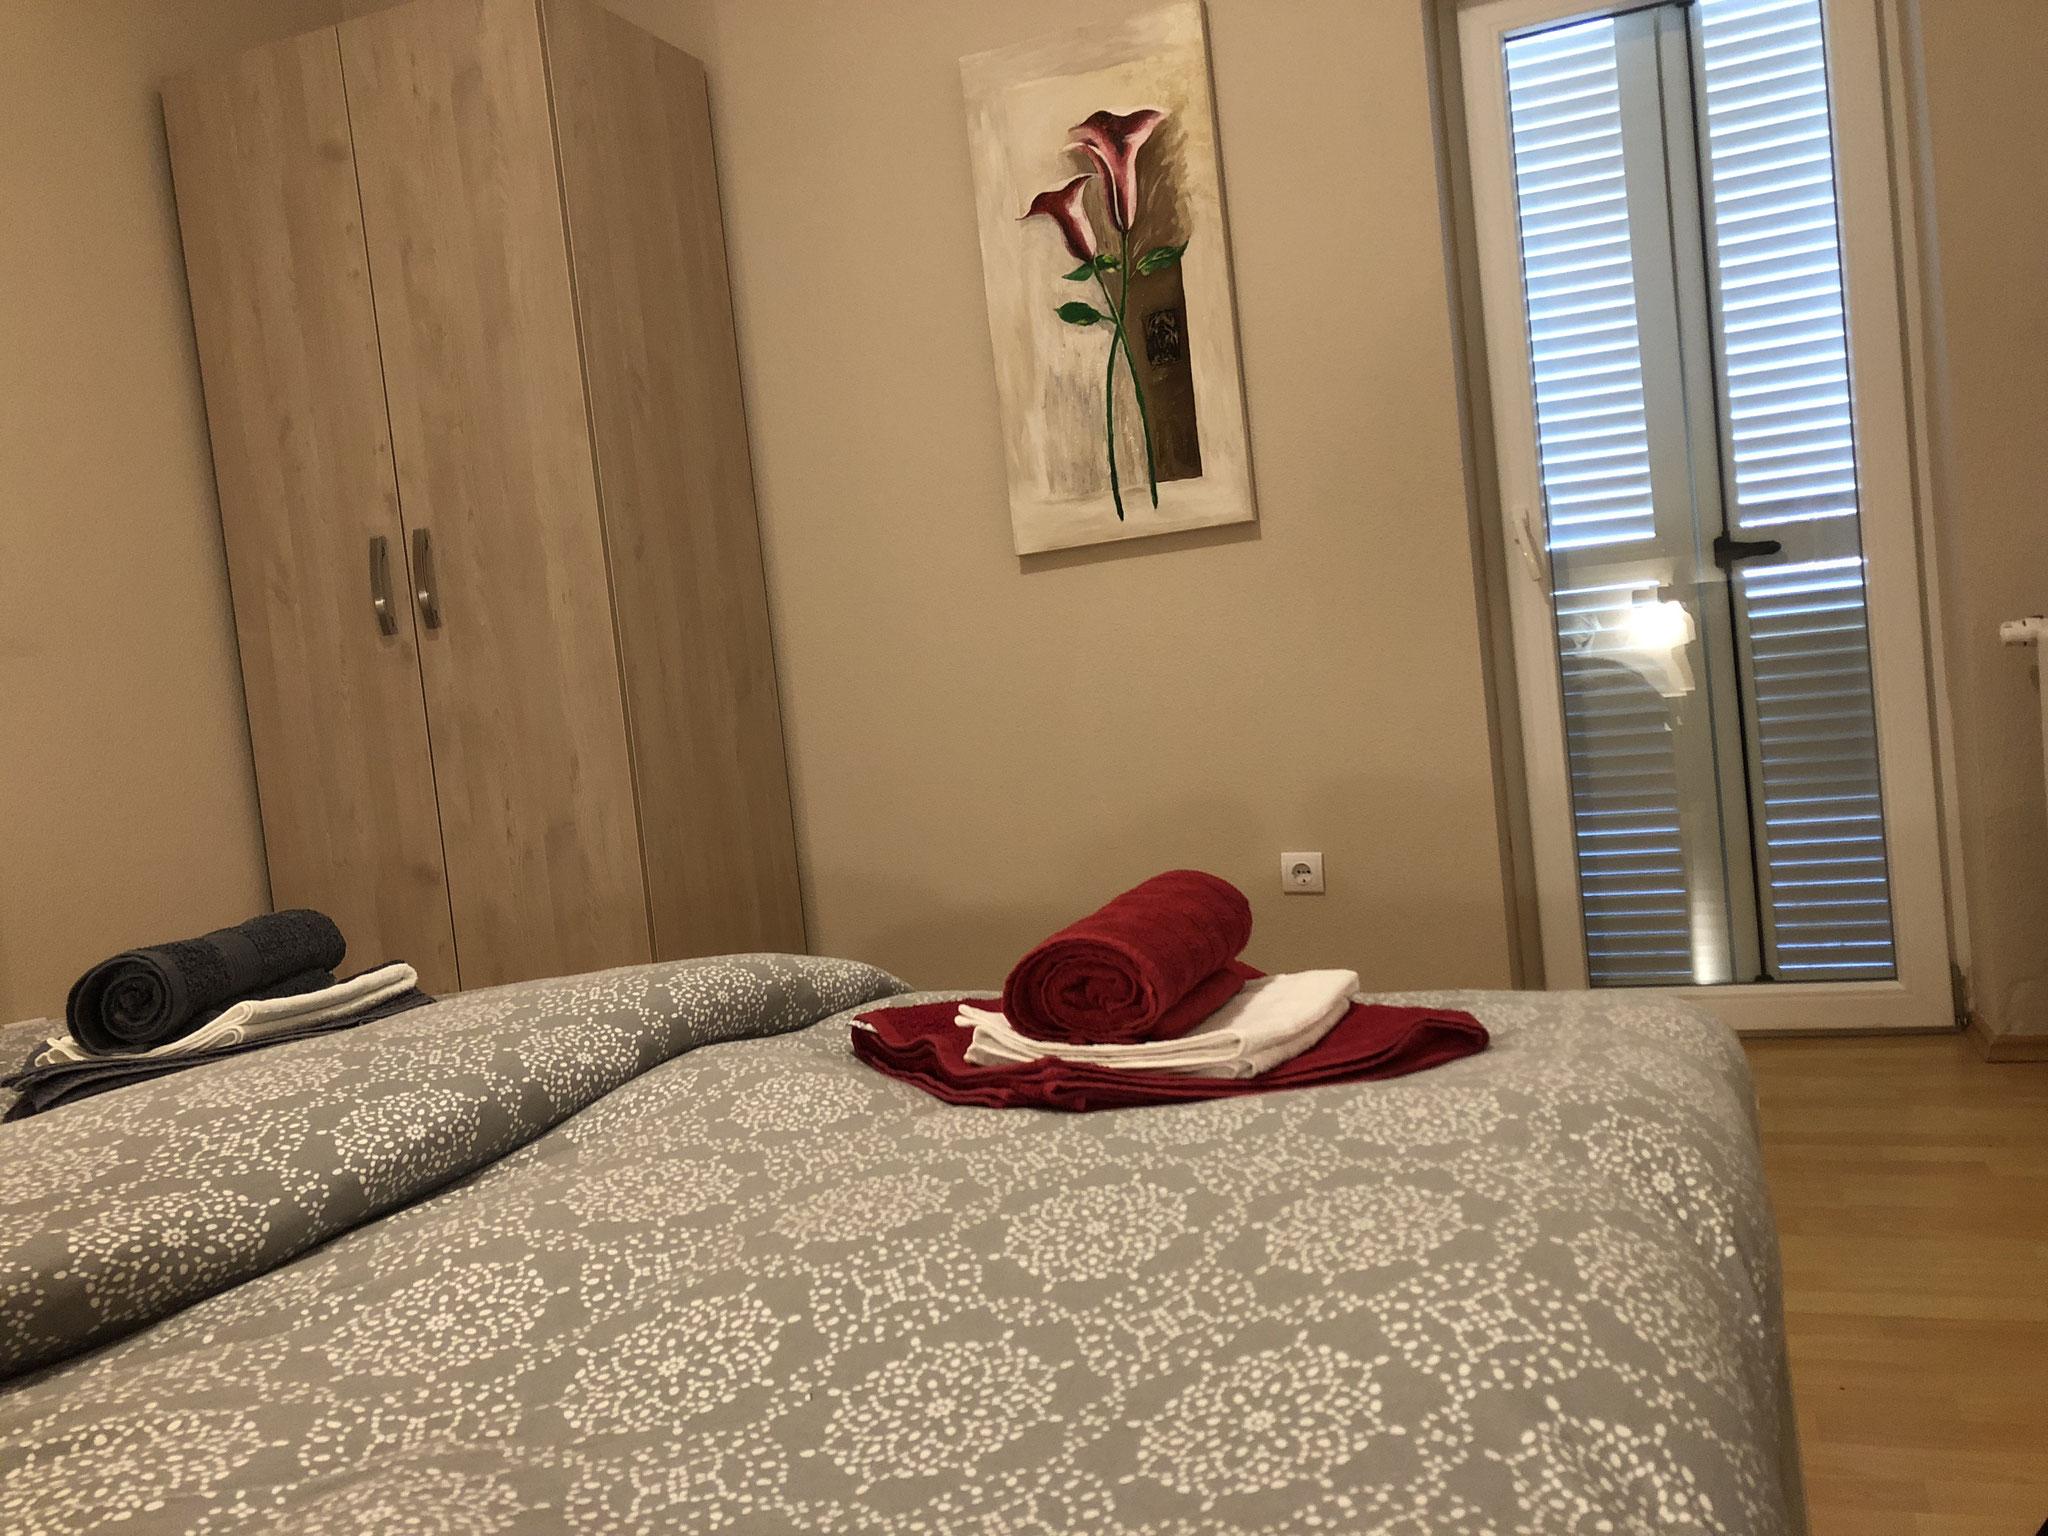 Schlafzimmer Nr.1, Doppelbett 180x200cm, Bettwäsche, Balkontüre zur Terrasse.